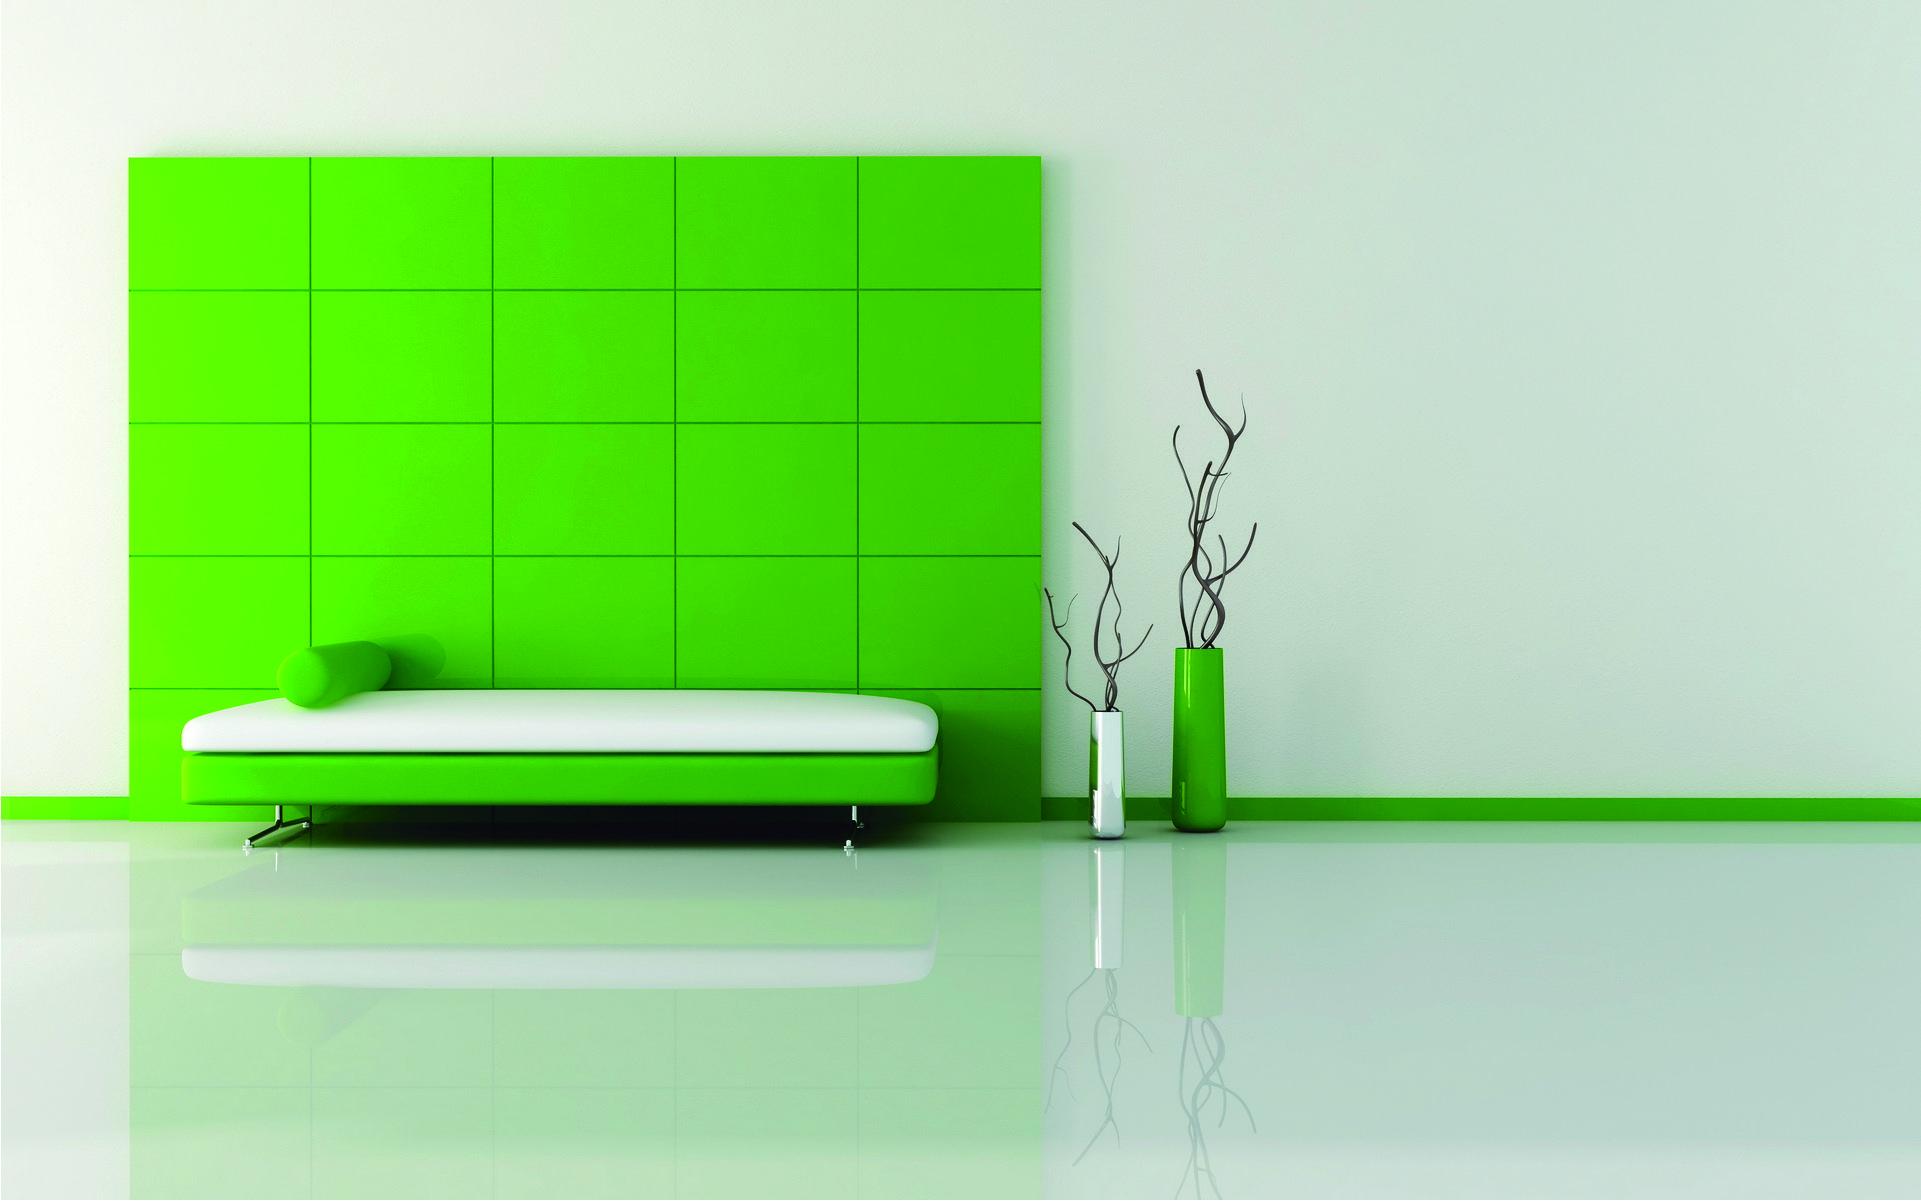 Que estilo de interiorismo te gusta más?, crea tu espacio con nosotros! contactanos, www.madecentro.com